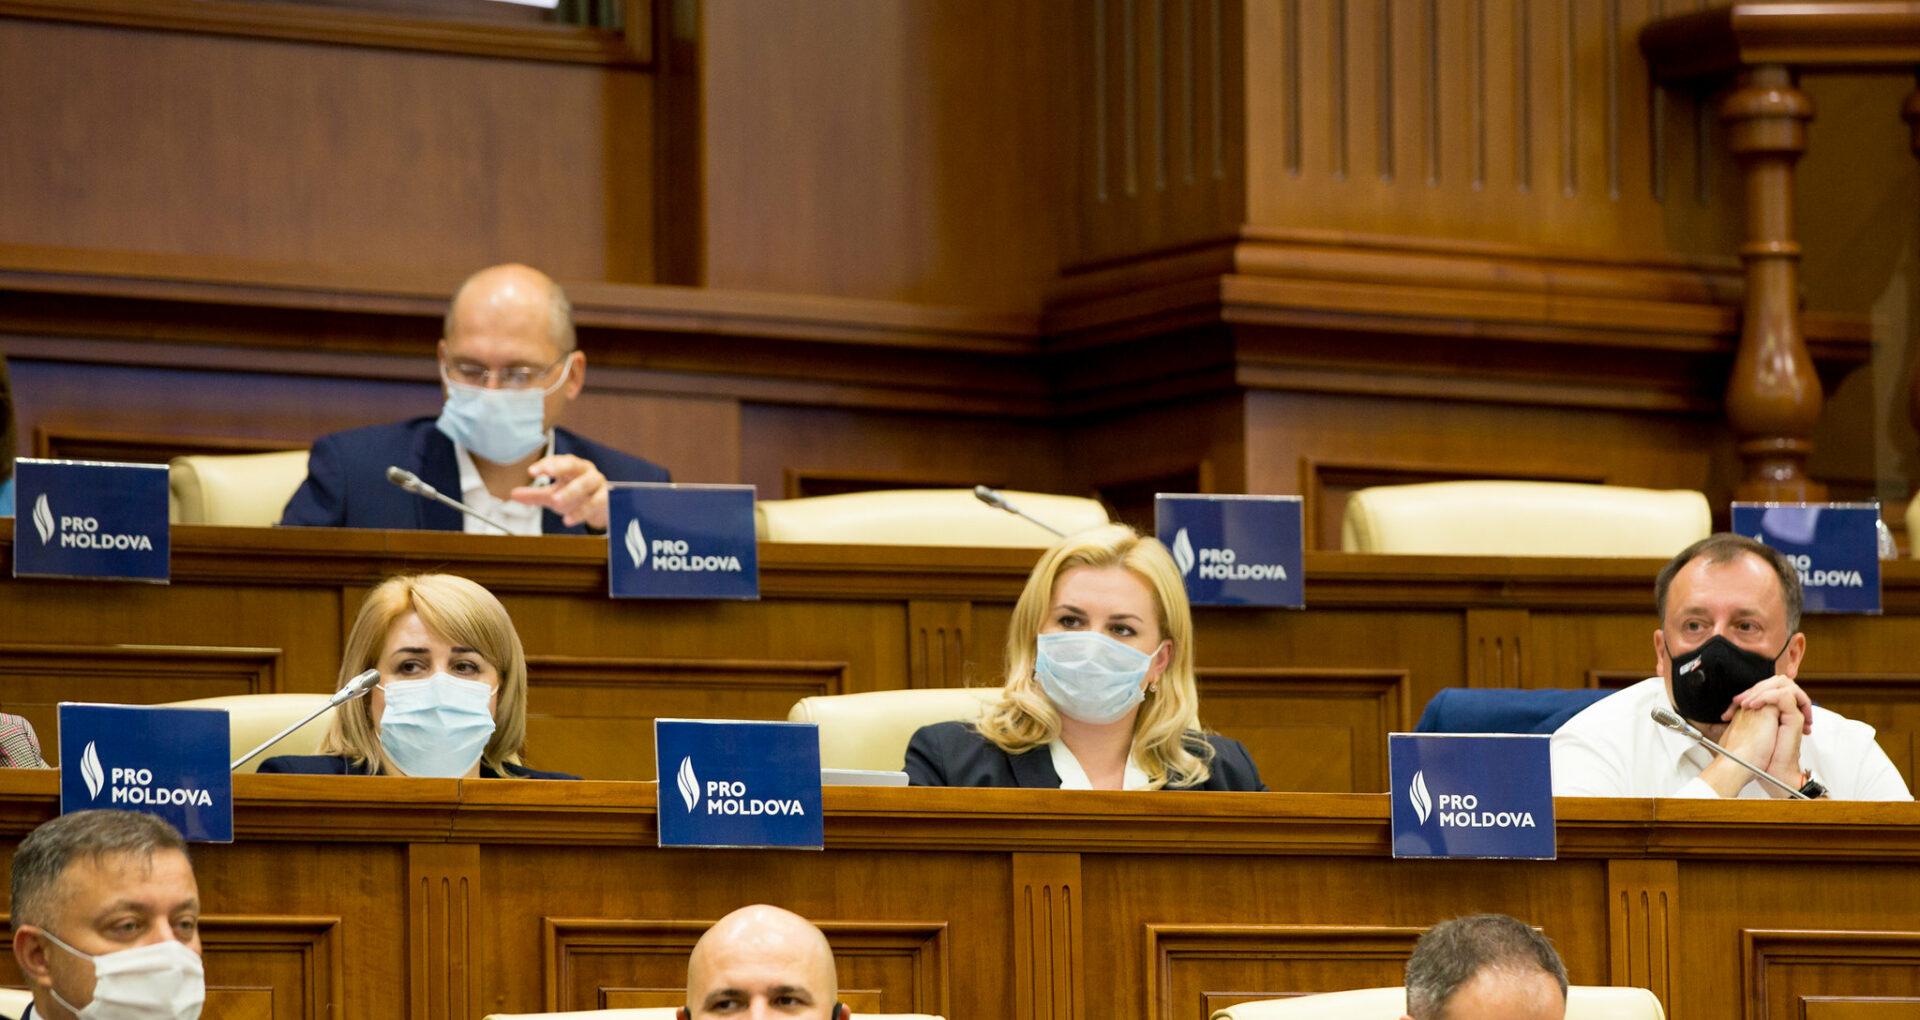 DOC/ Încă un deputat părăsește fracțiunea Pro Moldova. Mesajul postat de parlamentar